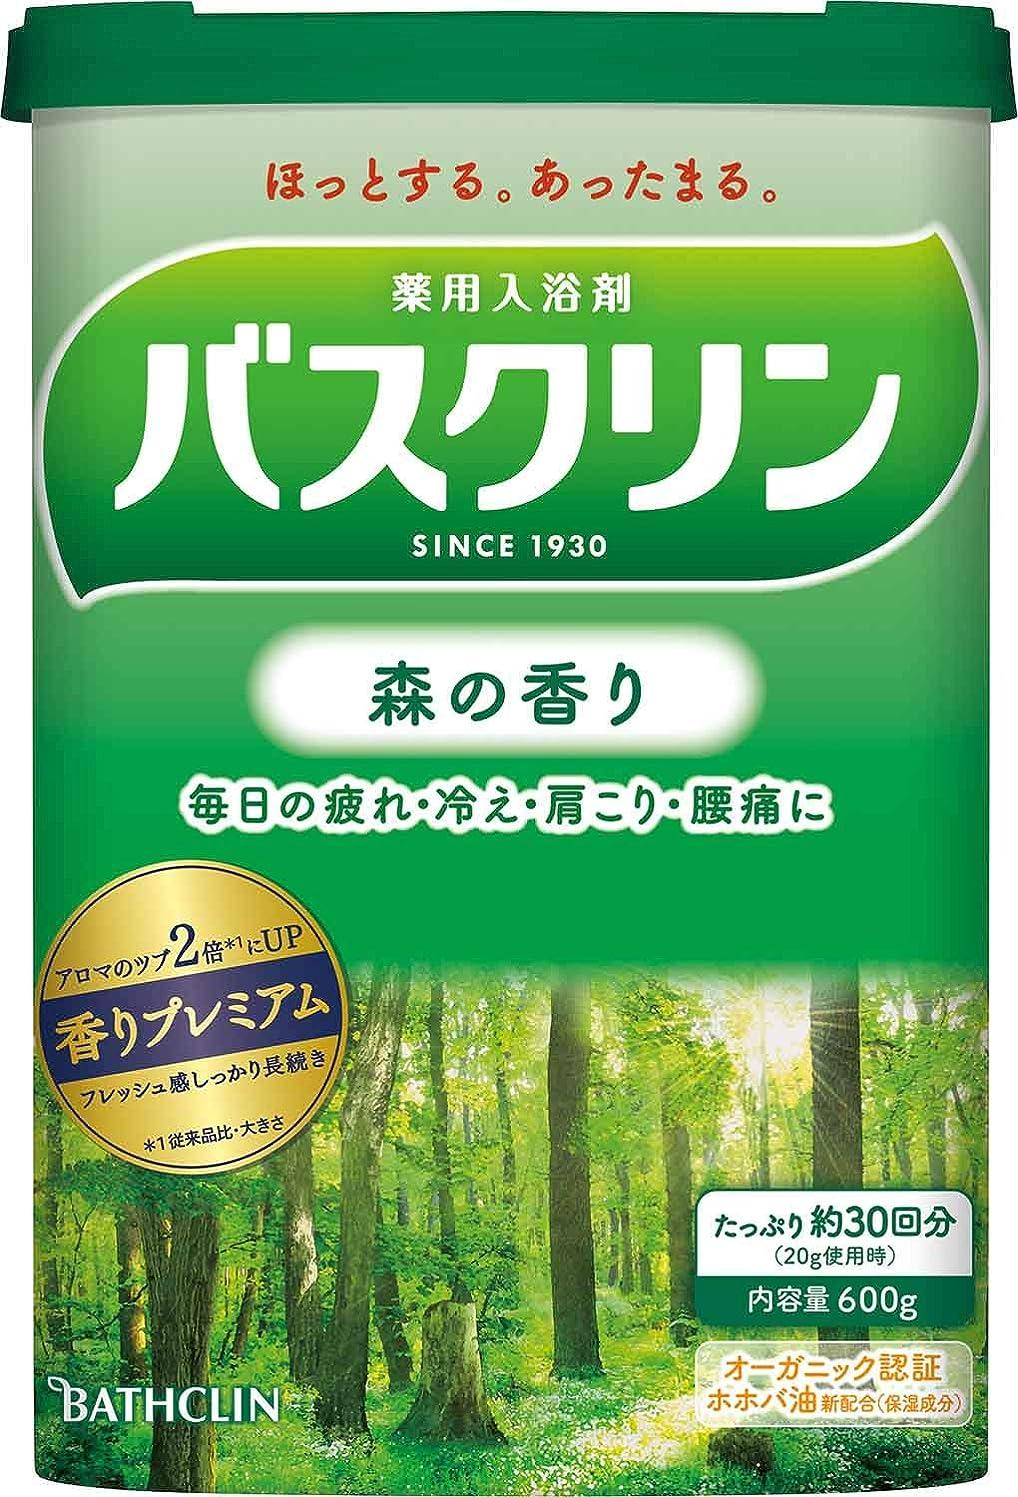 詩フリースふさわしい【医薬部外品】バスクリン入浴剤 森の香り600g入浴剤(約30回分) 疲労回復